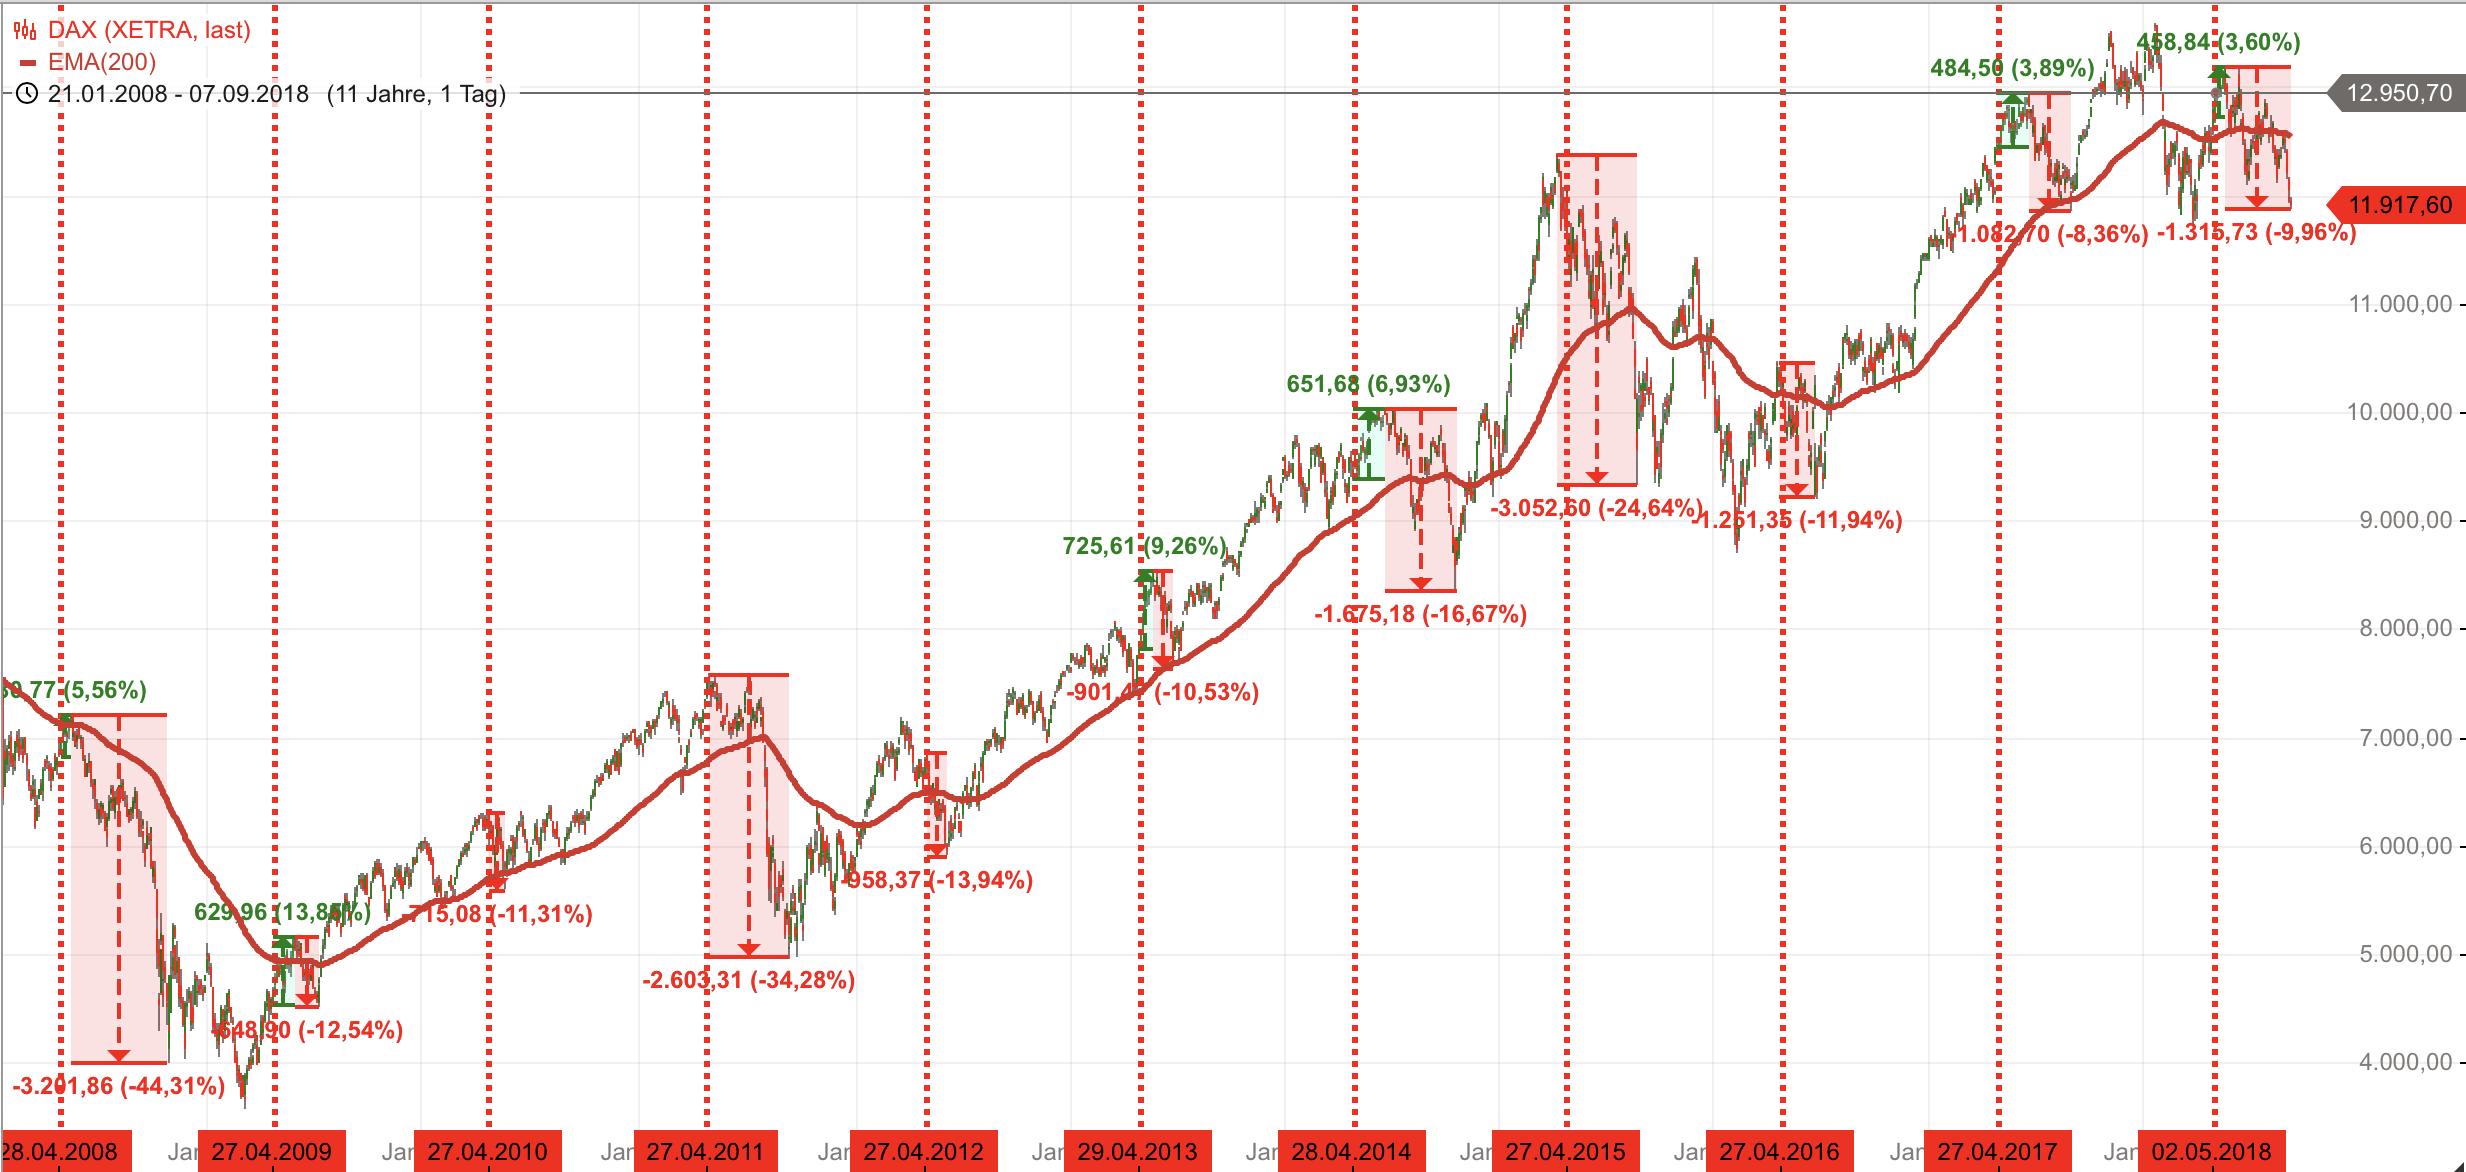 DAX-Saisonalität-Sell-in-May-Phase-geht-auf-10-Mindestpensum-zu-Chartanalyse-Rocco-Gräfe-GodmodeTrader.de-2